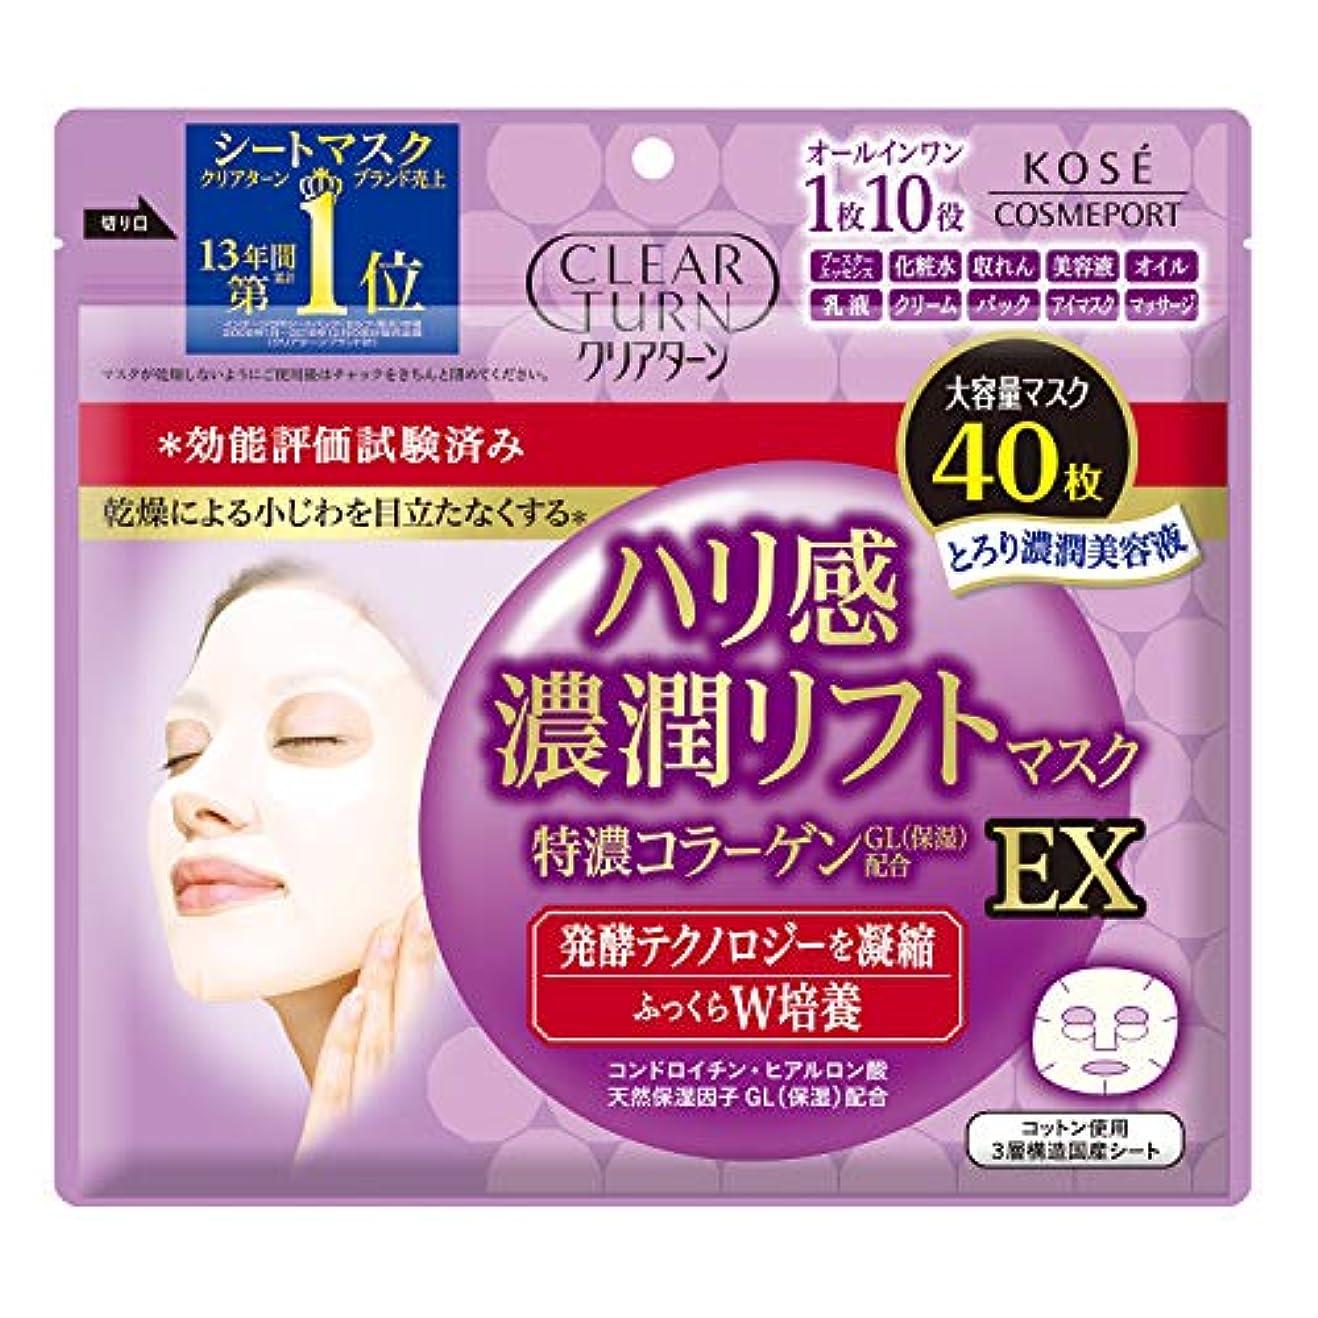 追加するほのか許可クリアターン ハリ感濃潤リフトマスク EX フェイスマスク 40枚